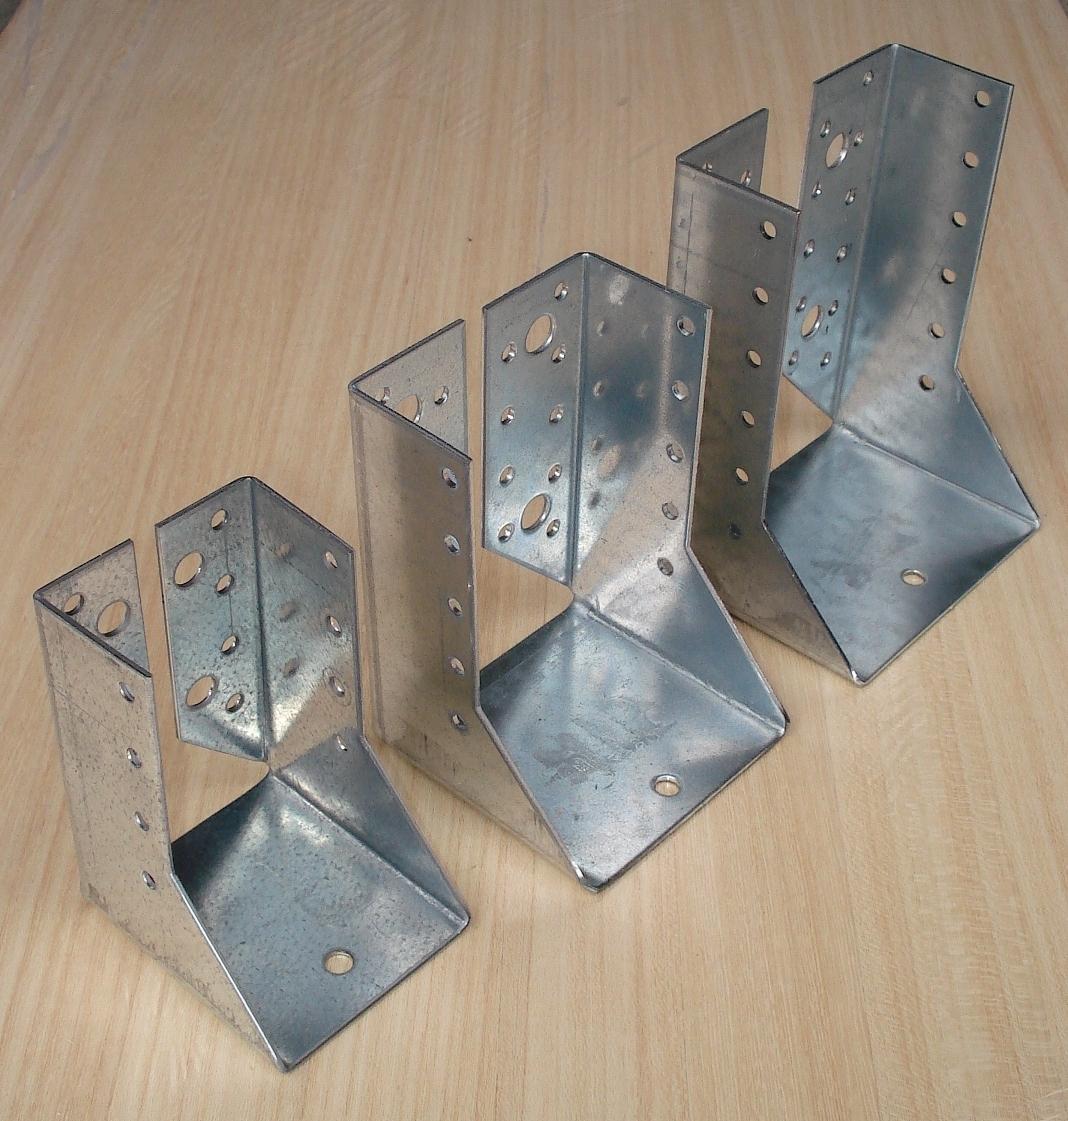 Accessori Per Gazebo In Legno.Ferramenta E Varie Per Coperture E Gazebo